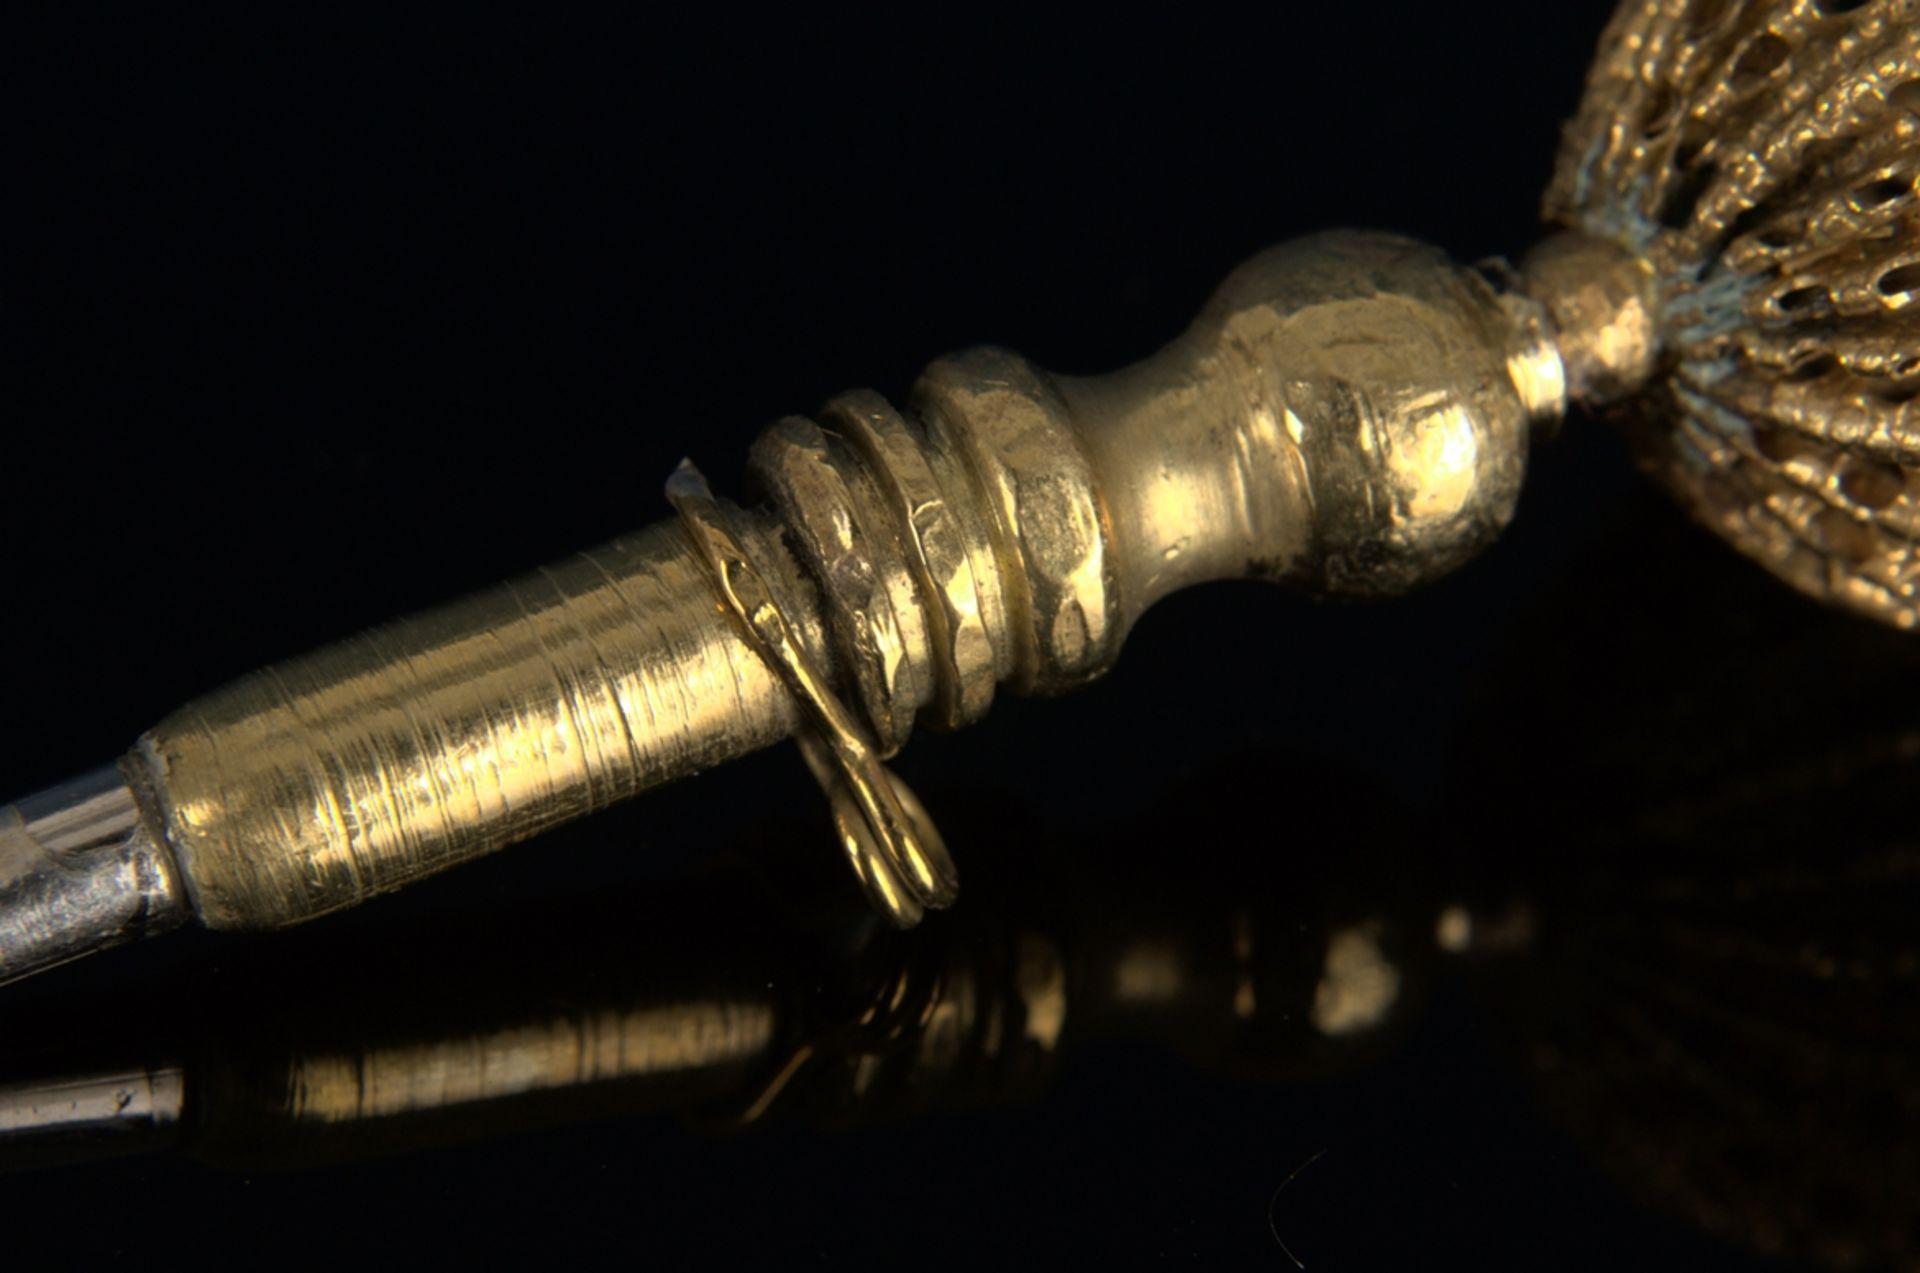 8teilige Sammlung versch. Taschenuhrenschlüssel, überwiegend 19. Jhd. Versch. Alter, Größen, - Bild 20 aus 24